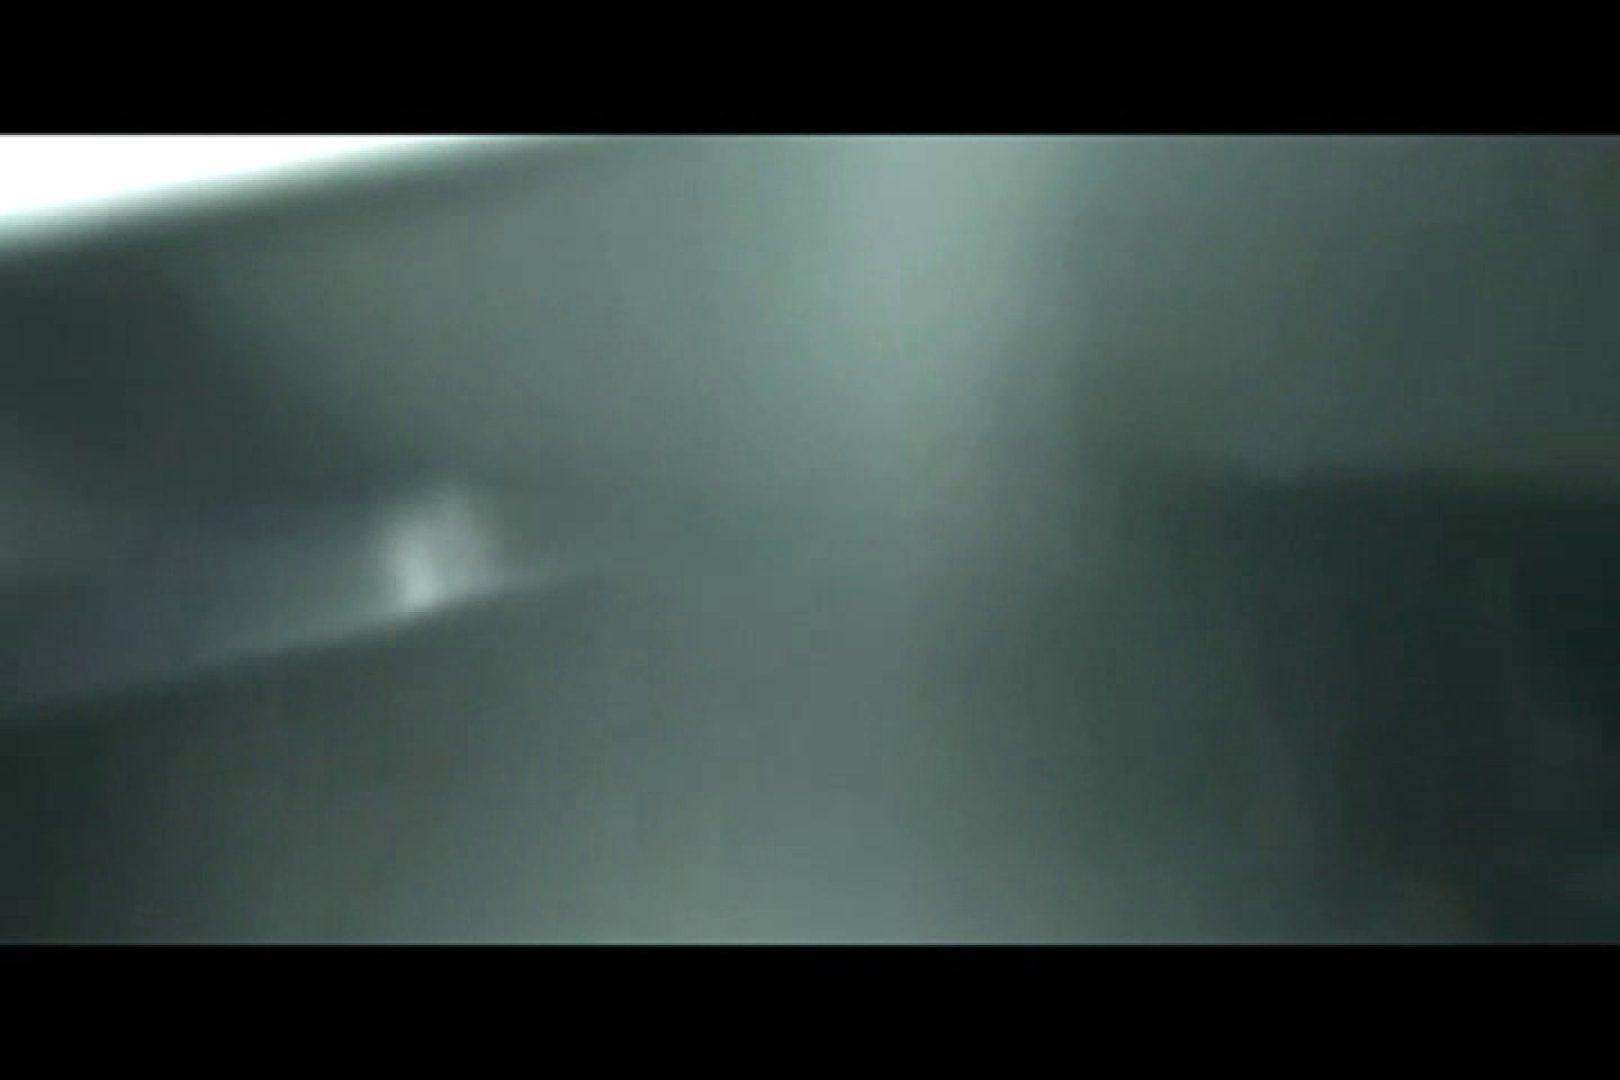 ぼっとん洗面所スペシャルVol.17 洗面所 アダルト動画キャプチャ 80画像 11